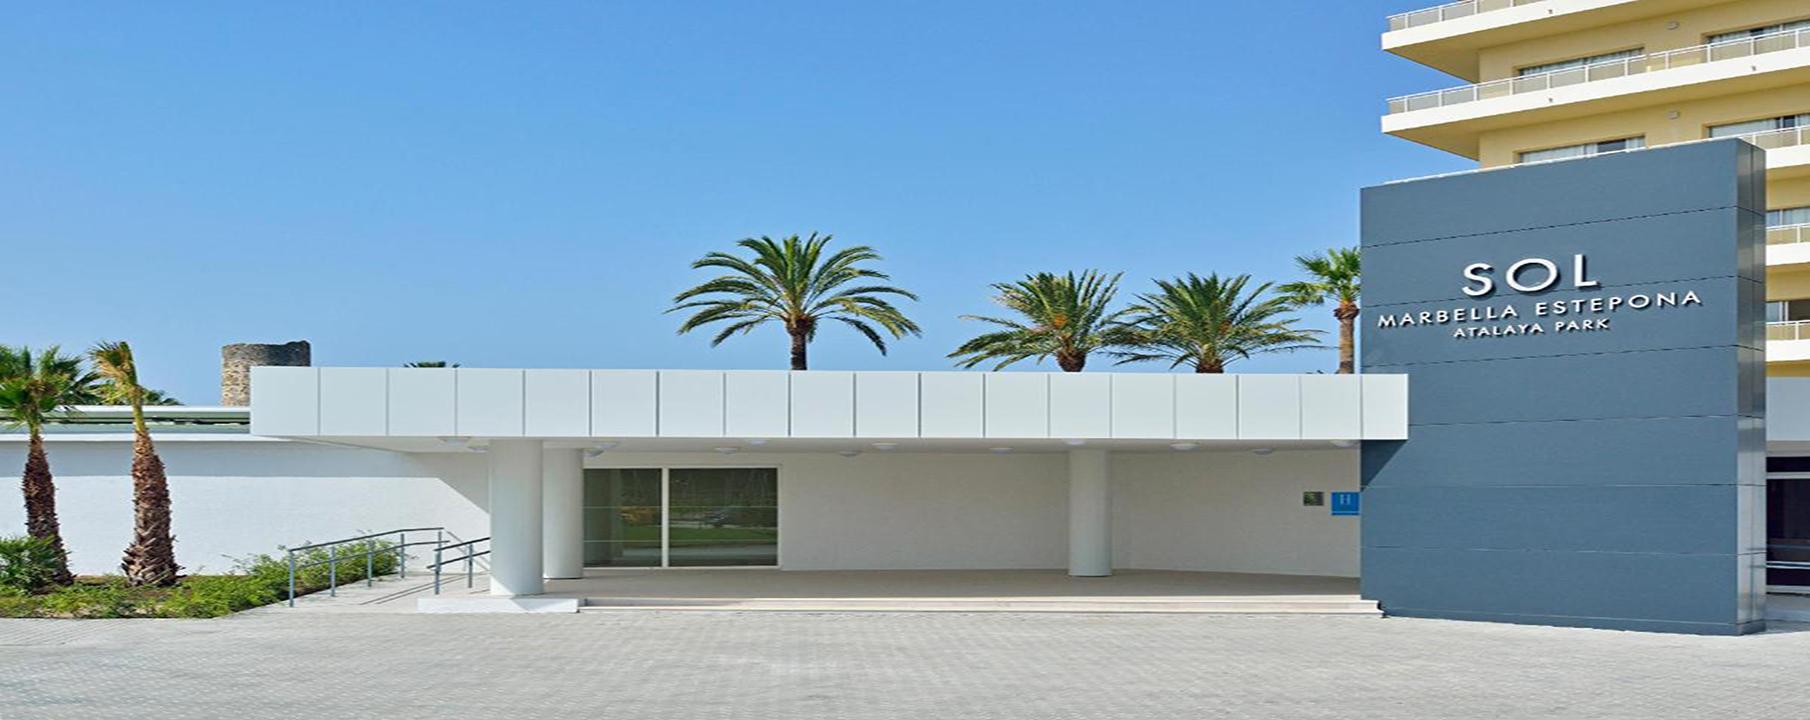 Hotel Sol Marbella Estepona ATALAYA 2